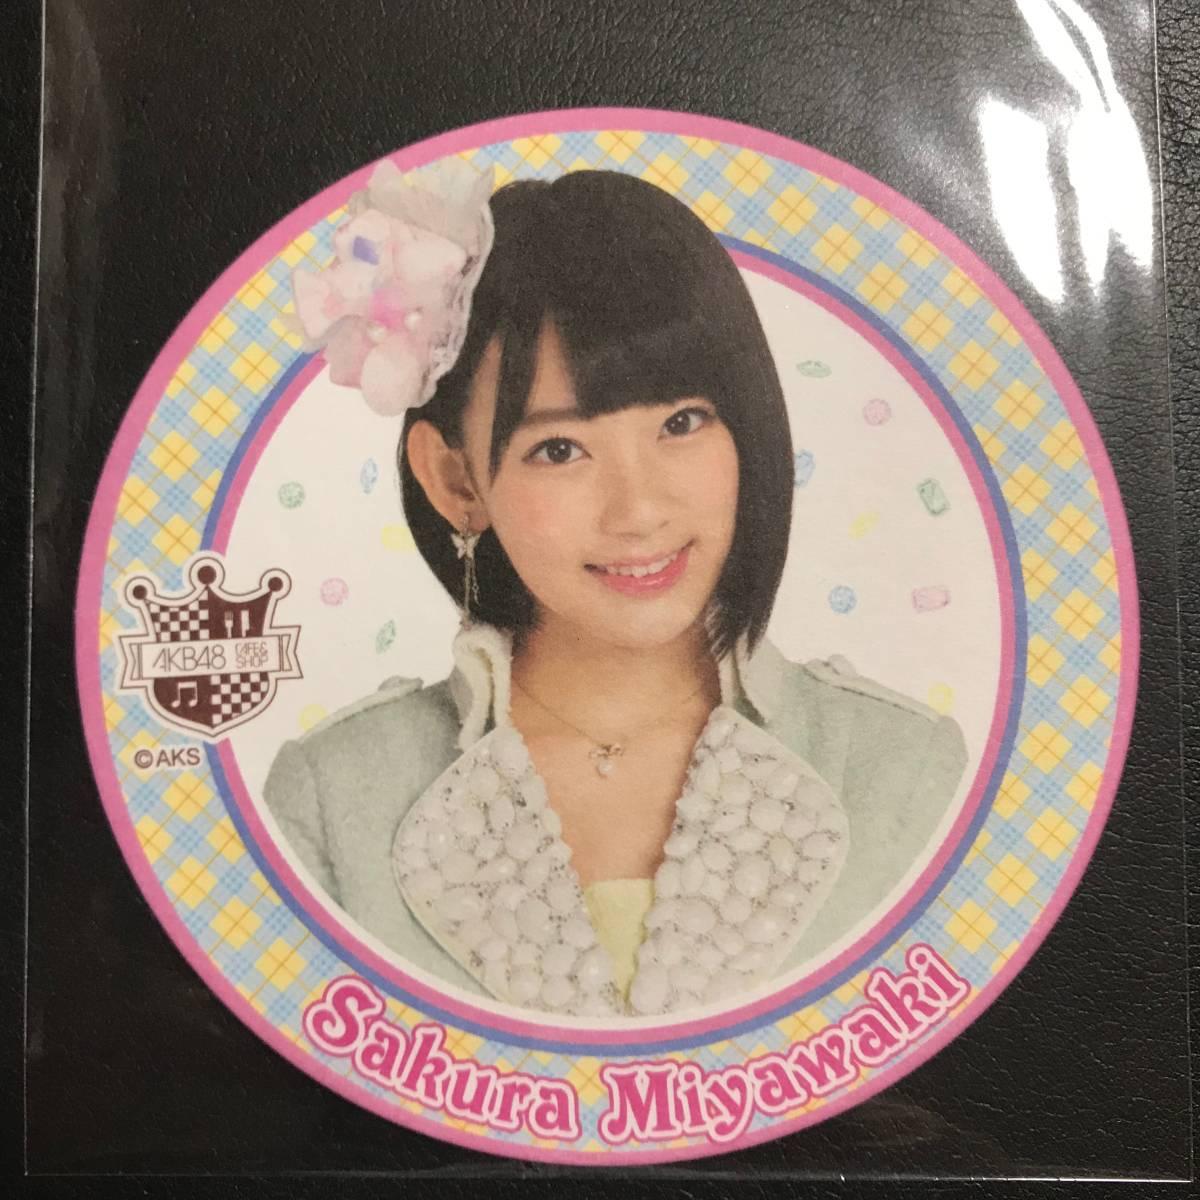 HKT48 宮脇咲良 AKB48 CAFE&SHOP 限定 コースター 美品